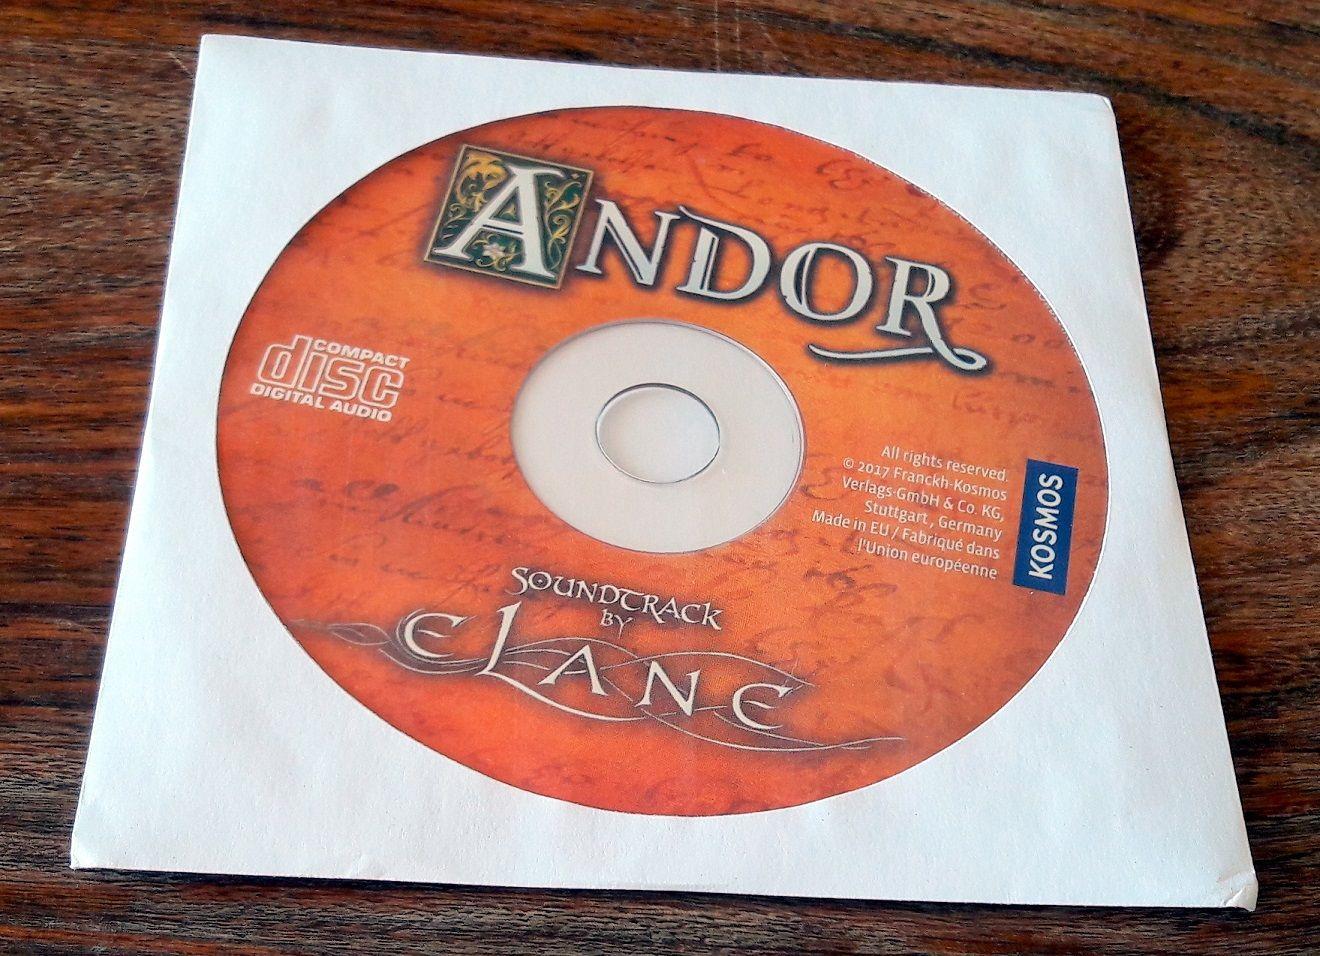 La musique d'ambiance du royaume d' Andor.